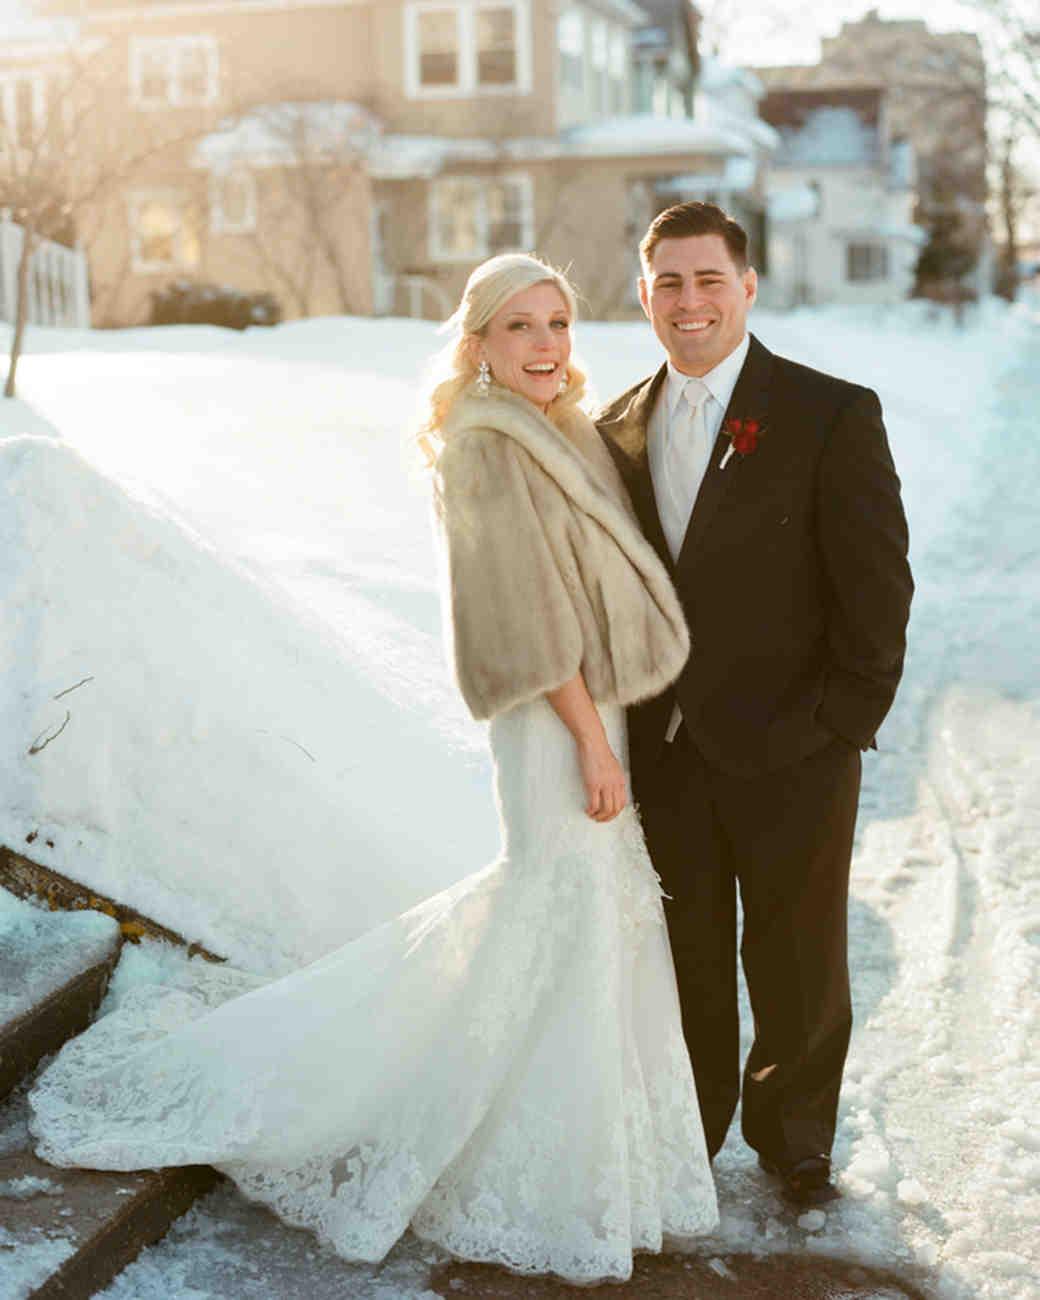 extreme-weather-wedding-5-1015.jpg